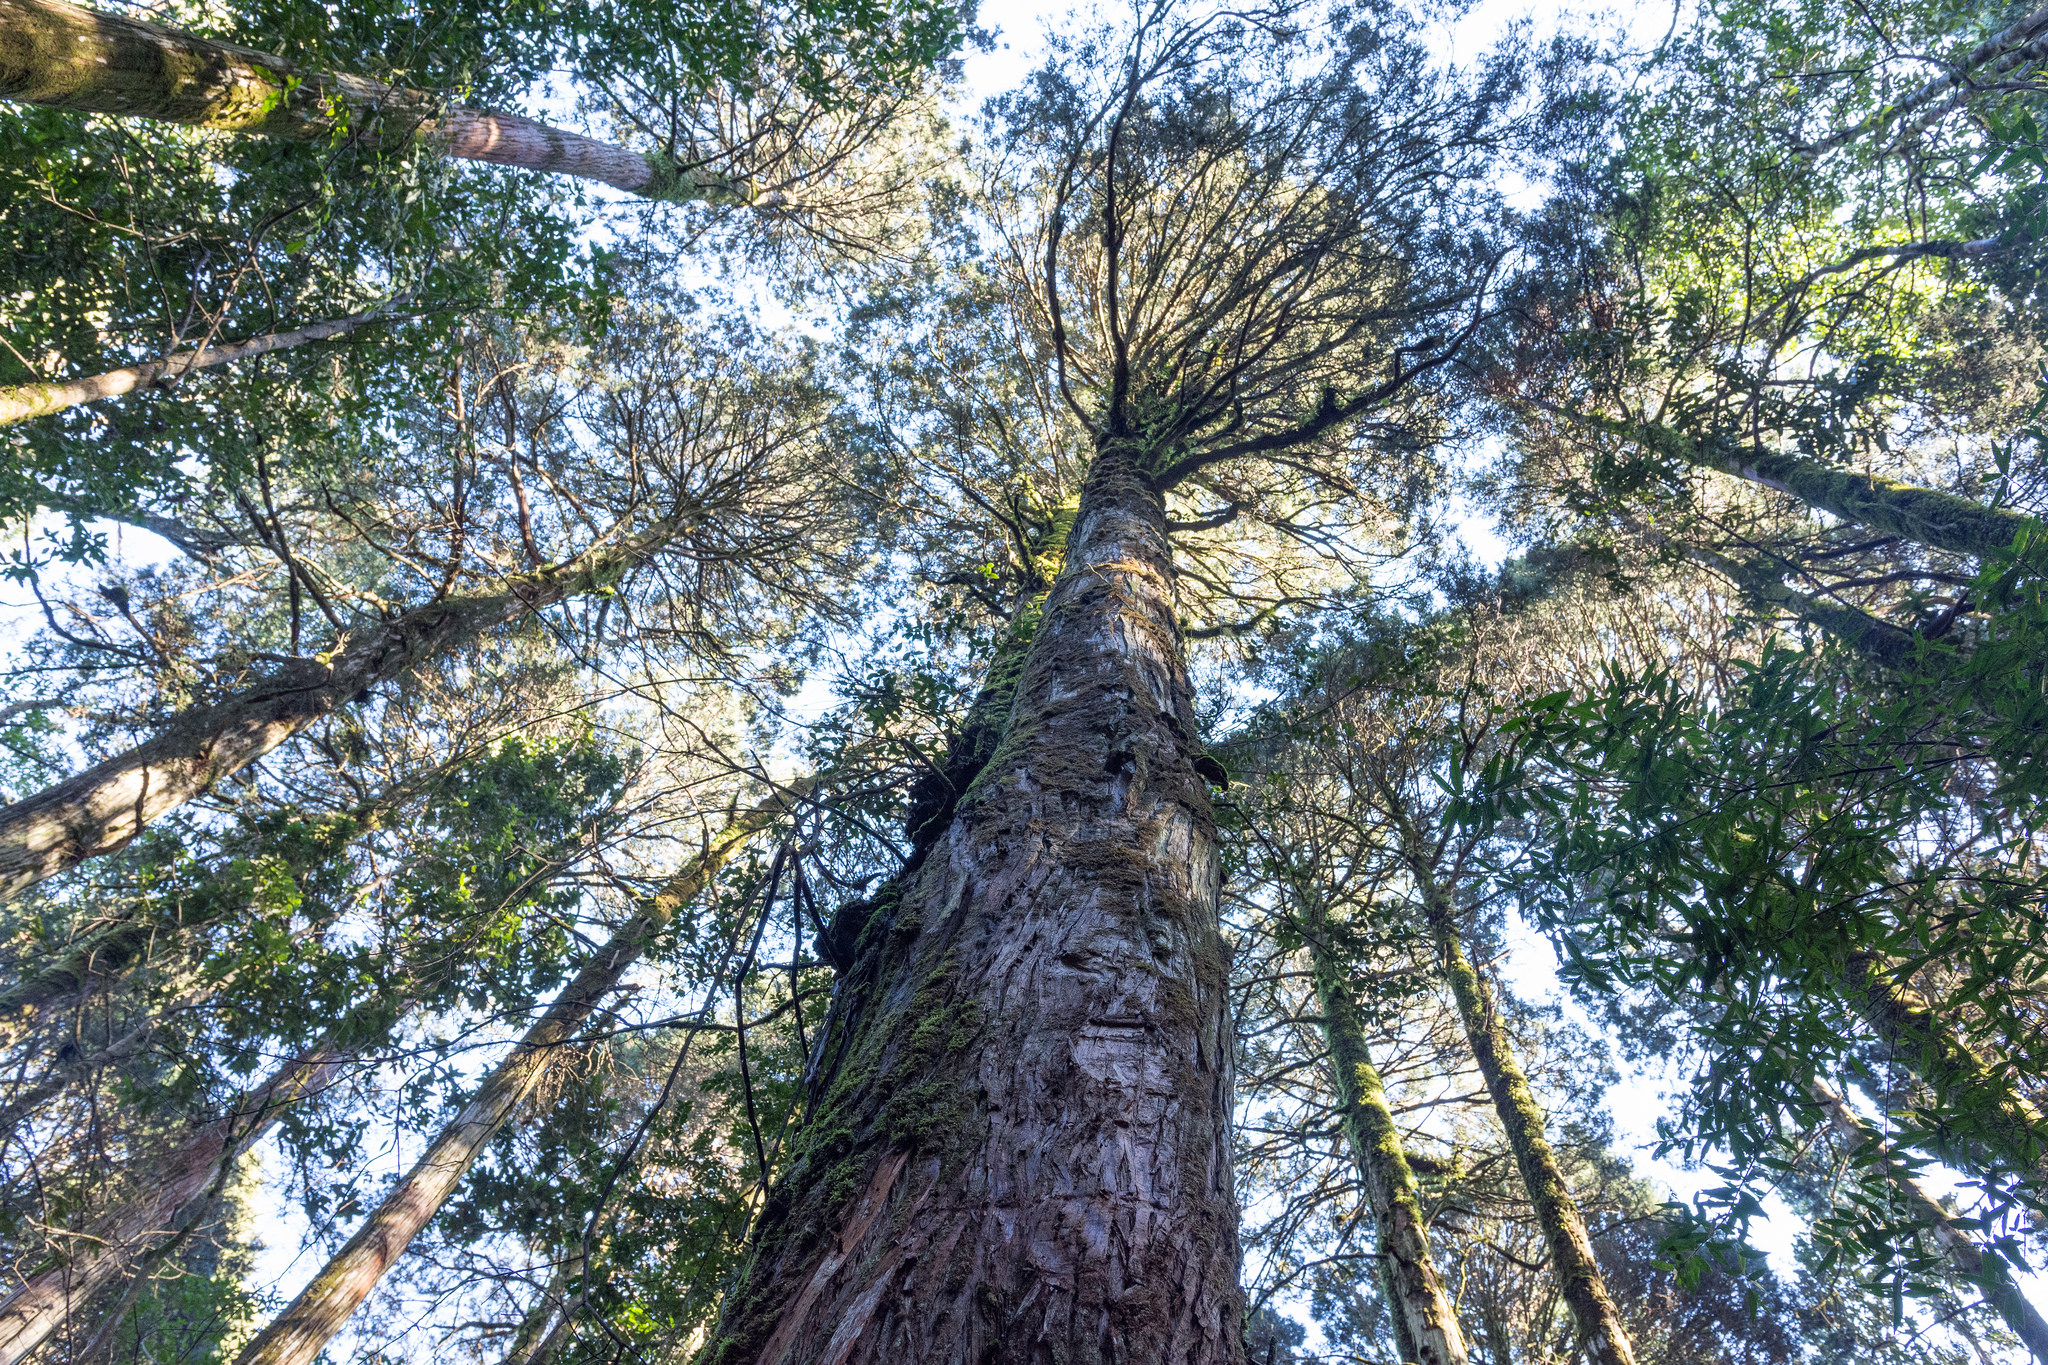 Es necesaria la conservación del alerce para la conservación de la biodiversidad en Chile. Foto Eduardo Schmeda. Licencia: CC BY 2.0.